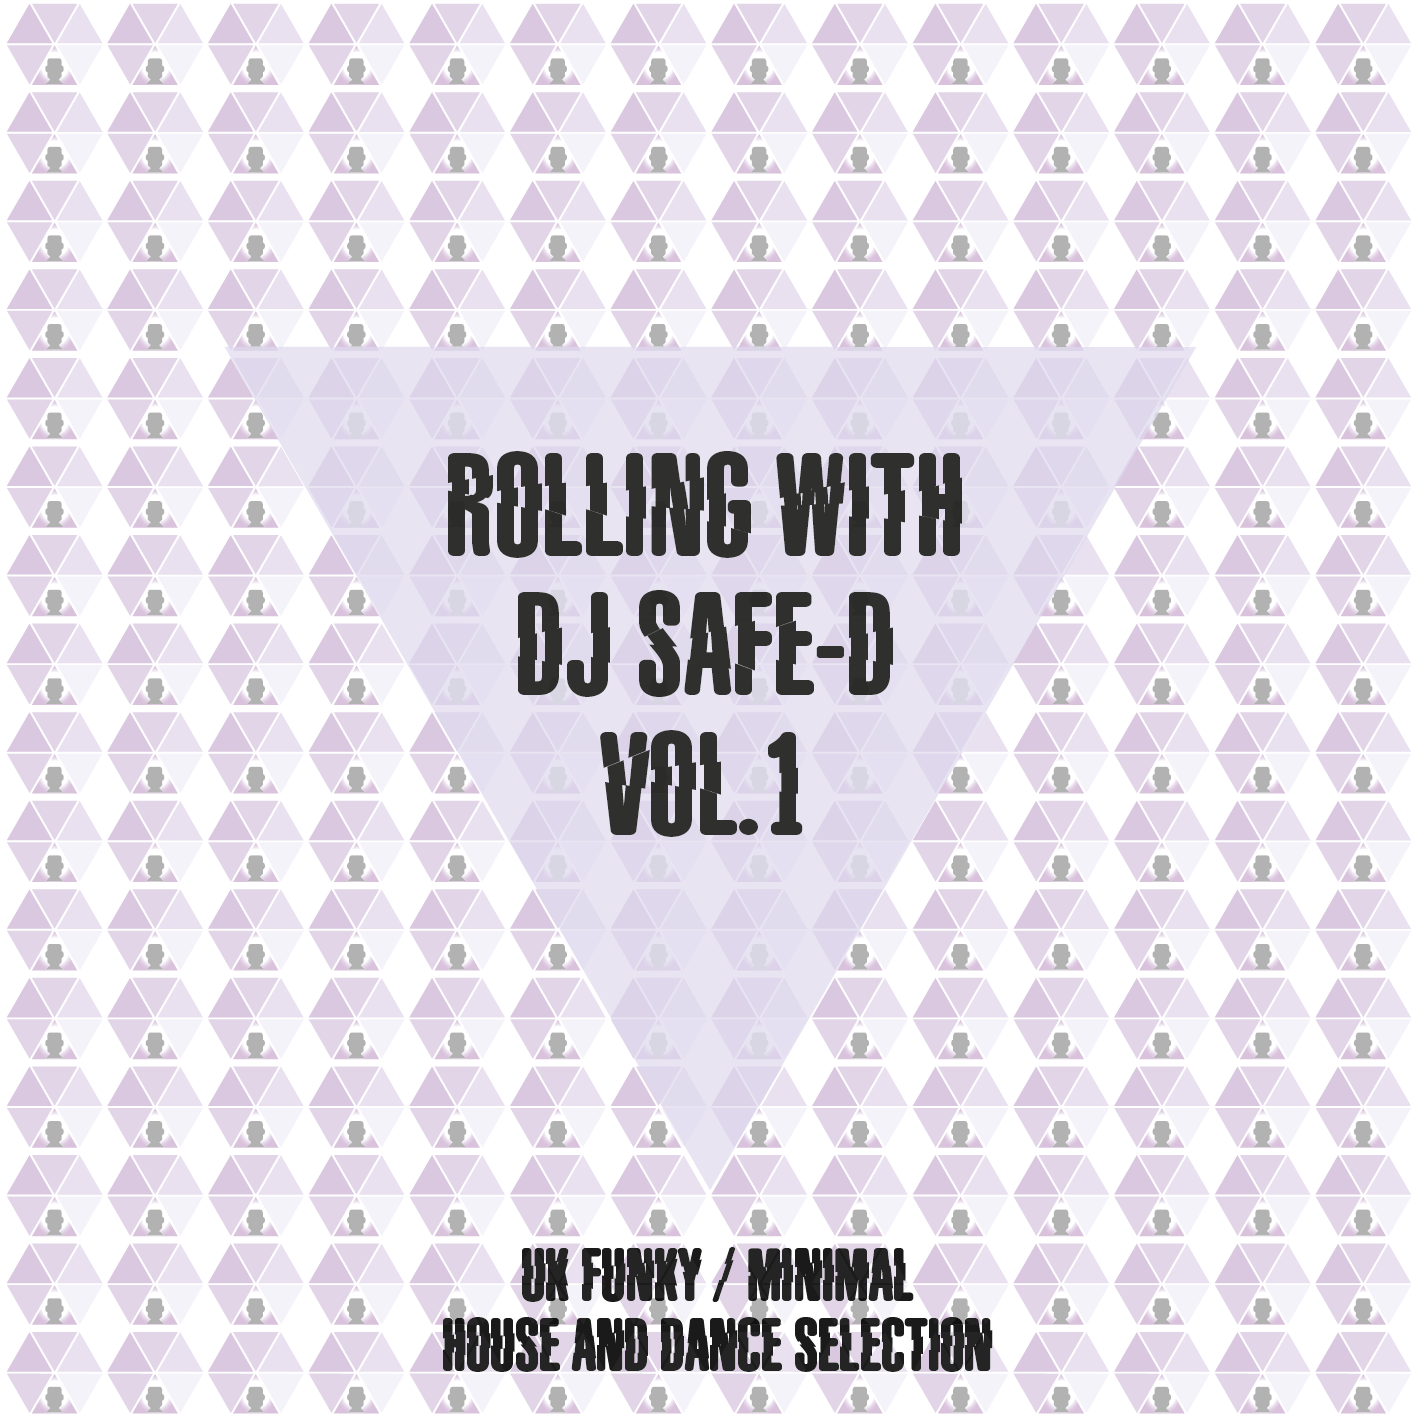 DJ Safe -D - Rolling -RWDJS_MOCK_1-01